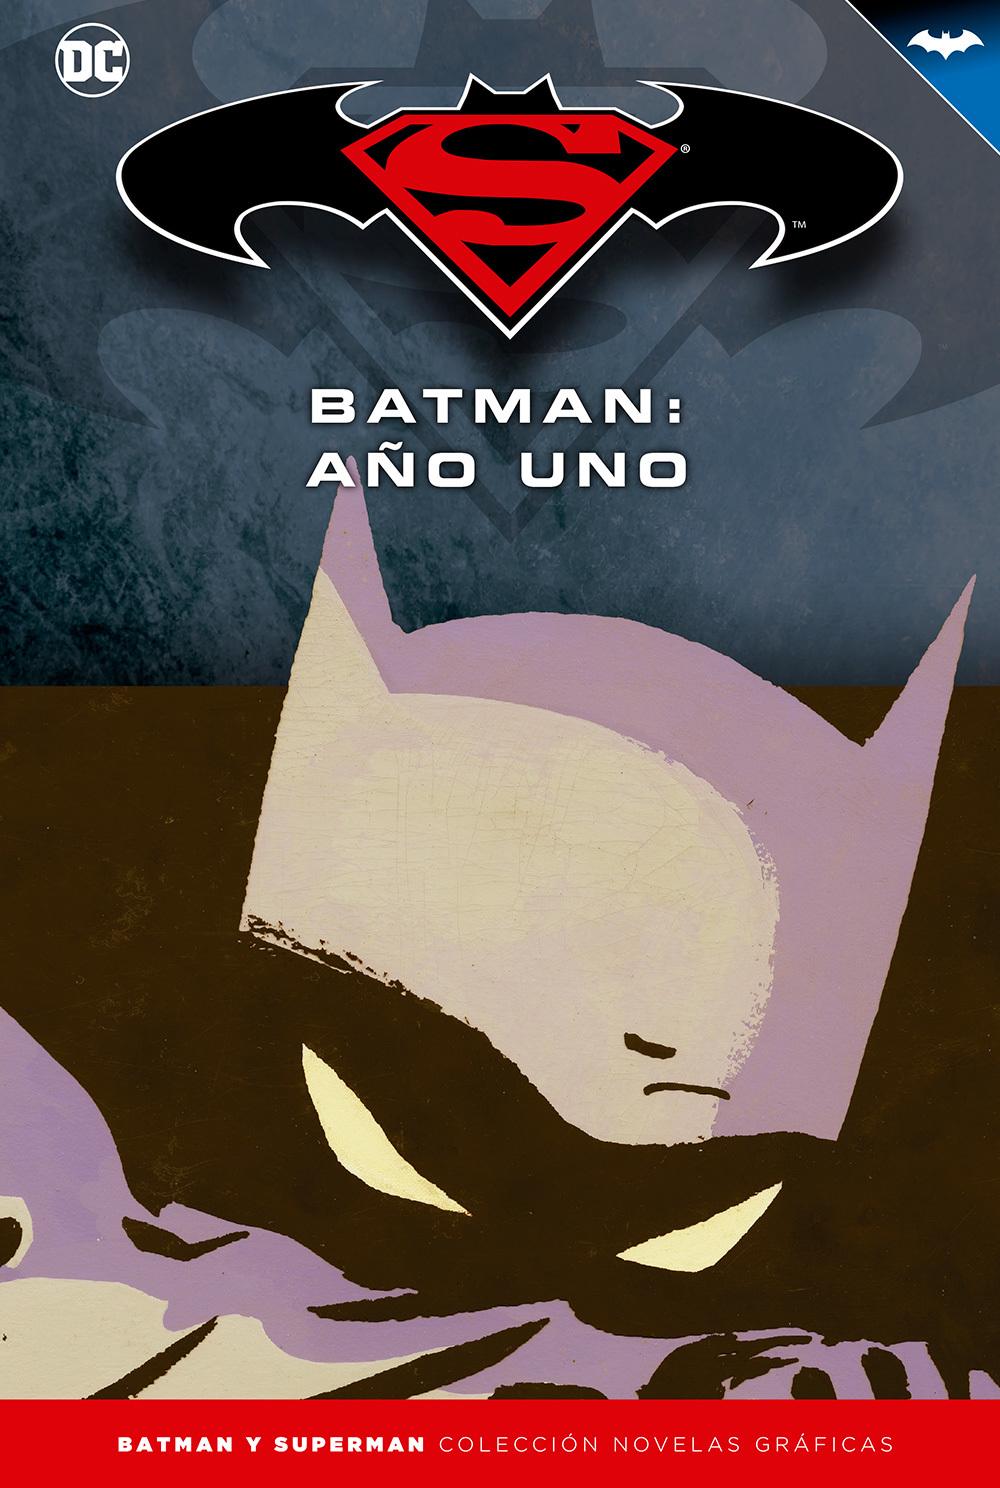 Batman: Año Uno (Colección Novelas Gráficas Batman y Superman, #13)